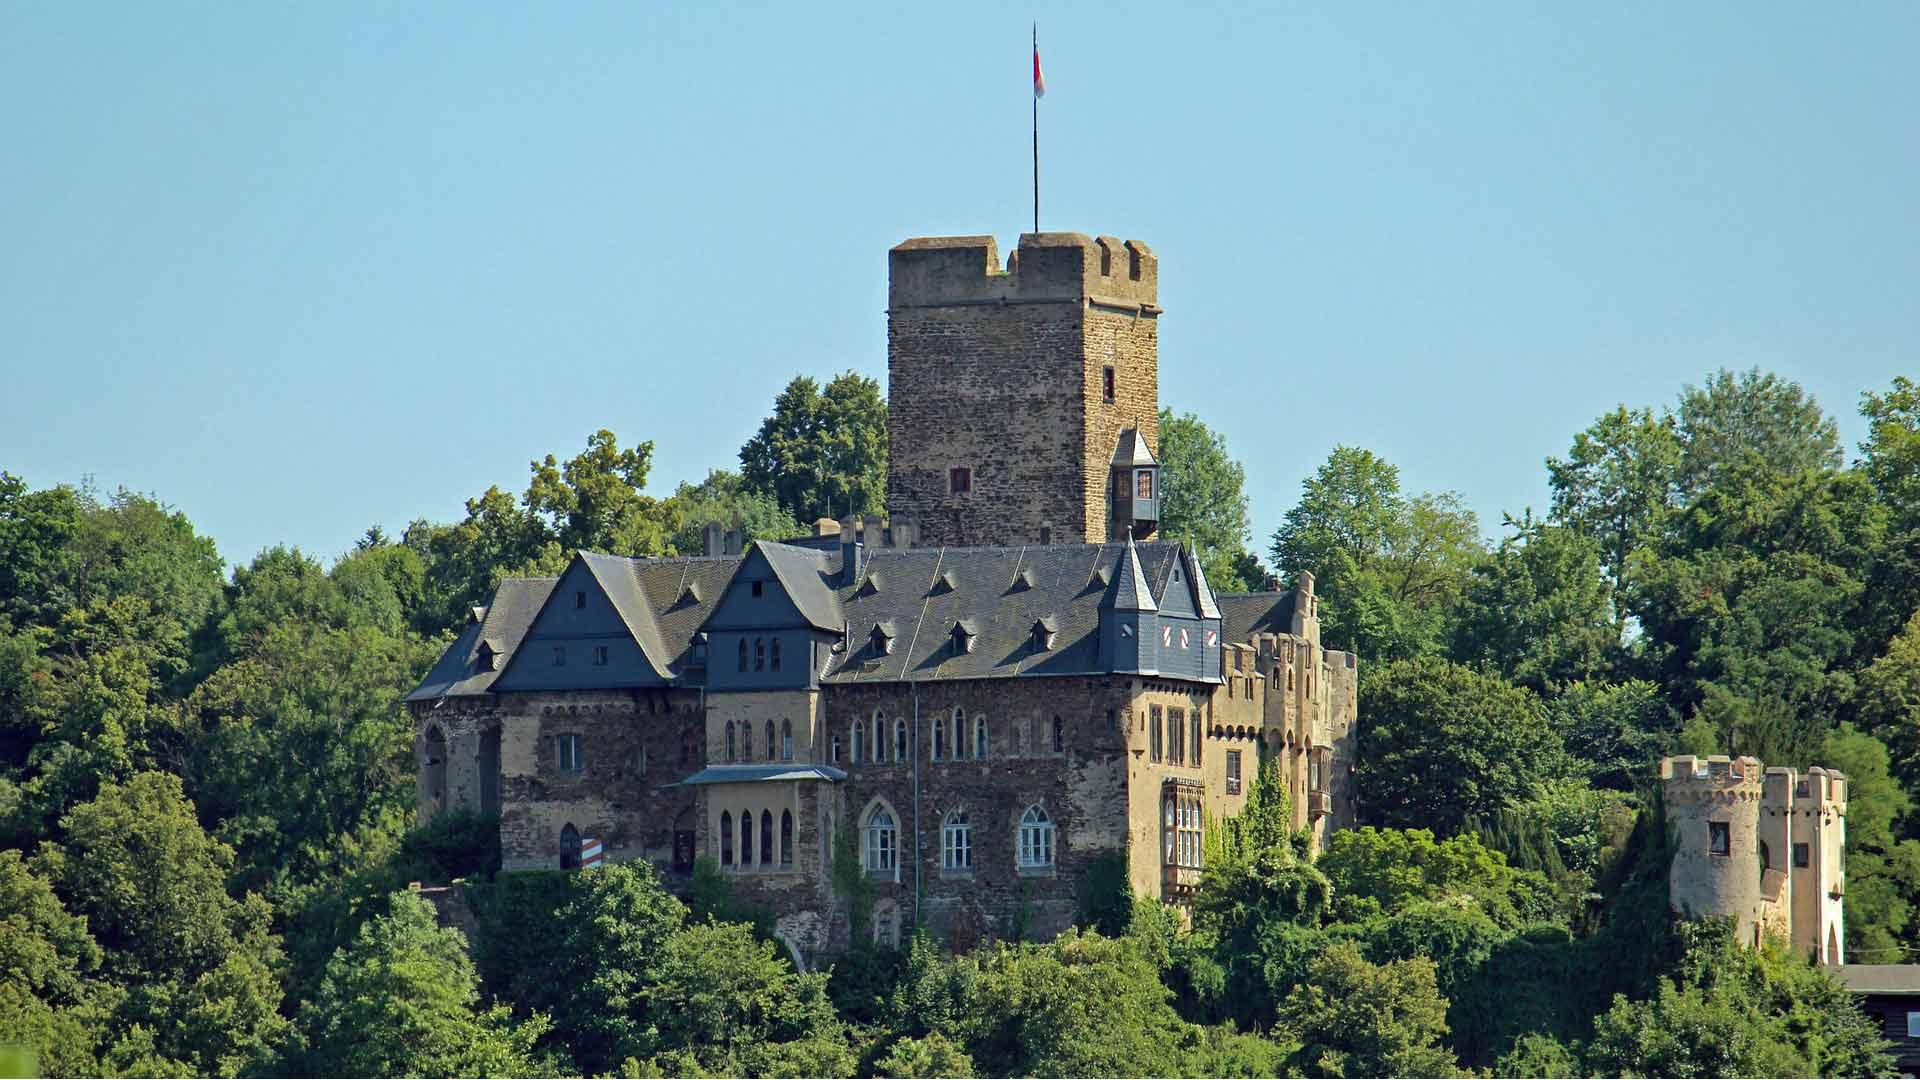 Burg Lahneck in Lahnstein.